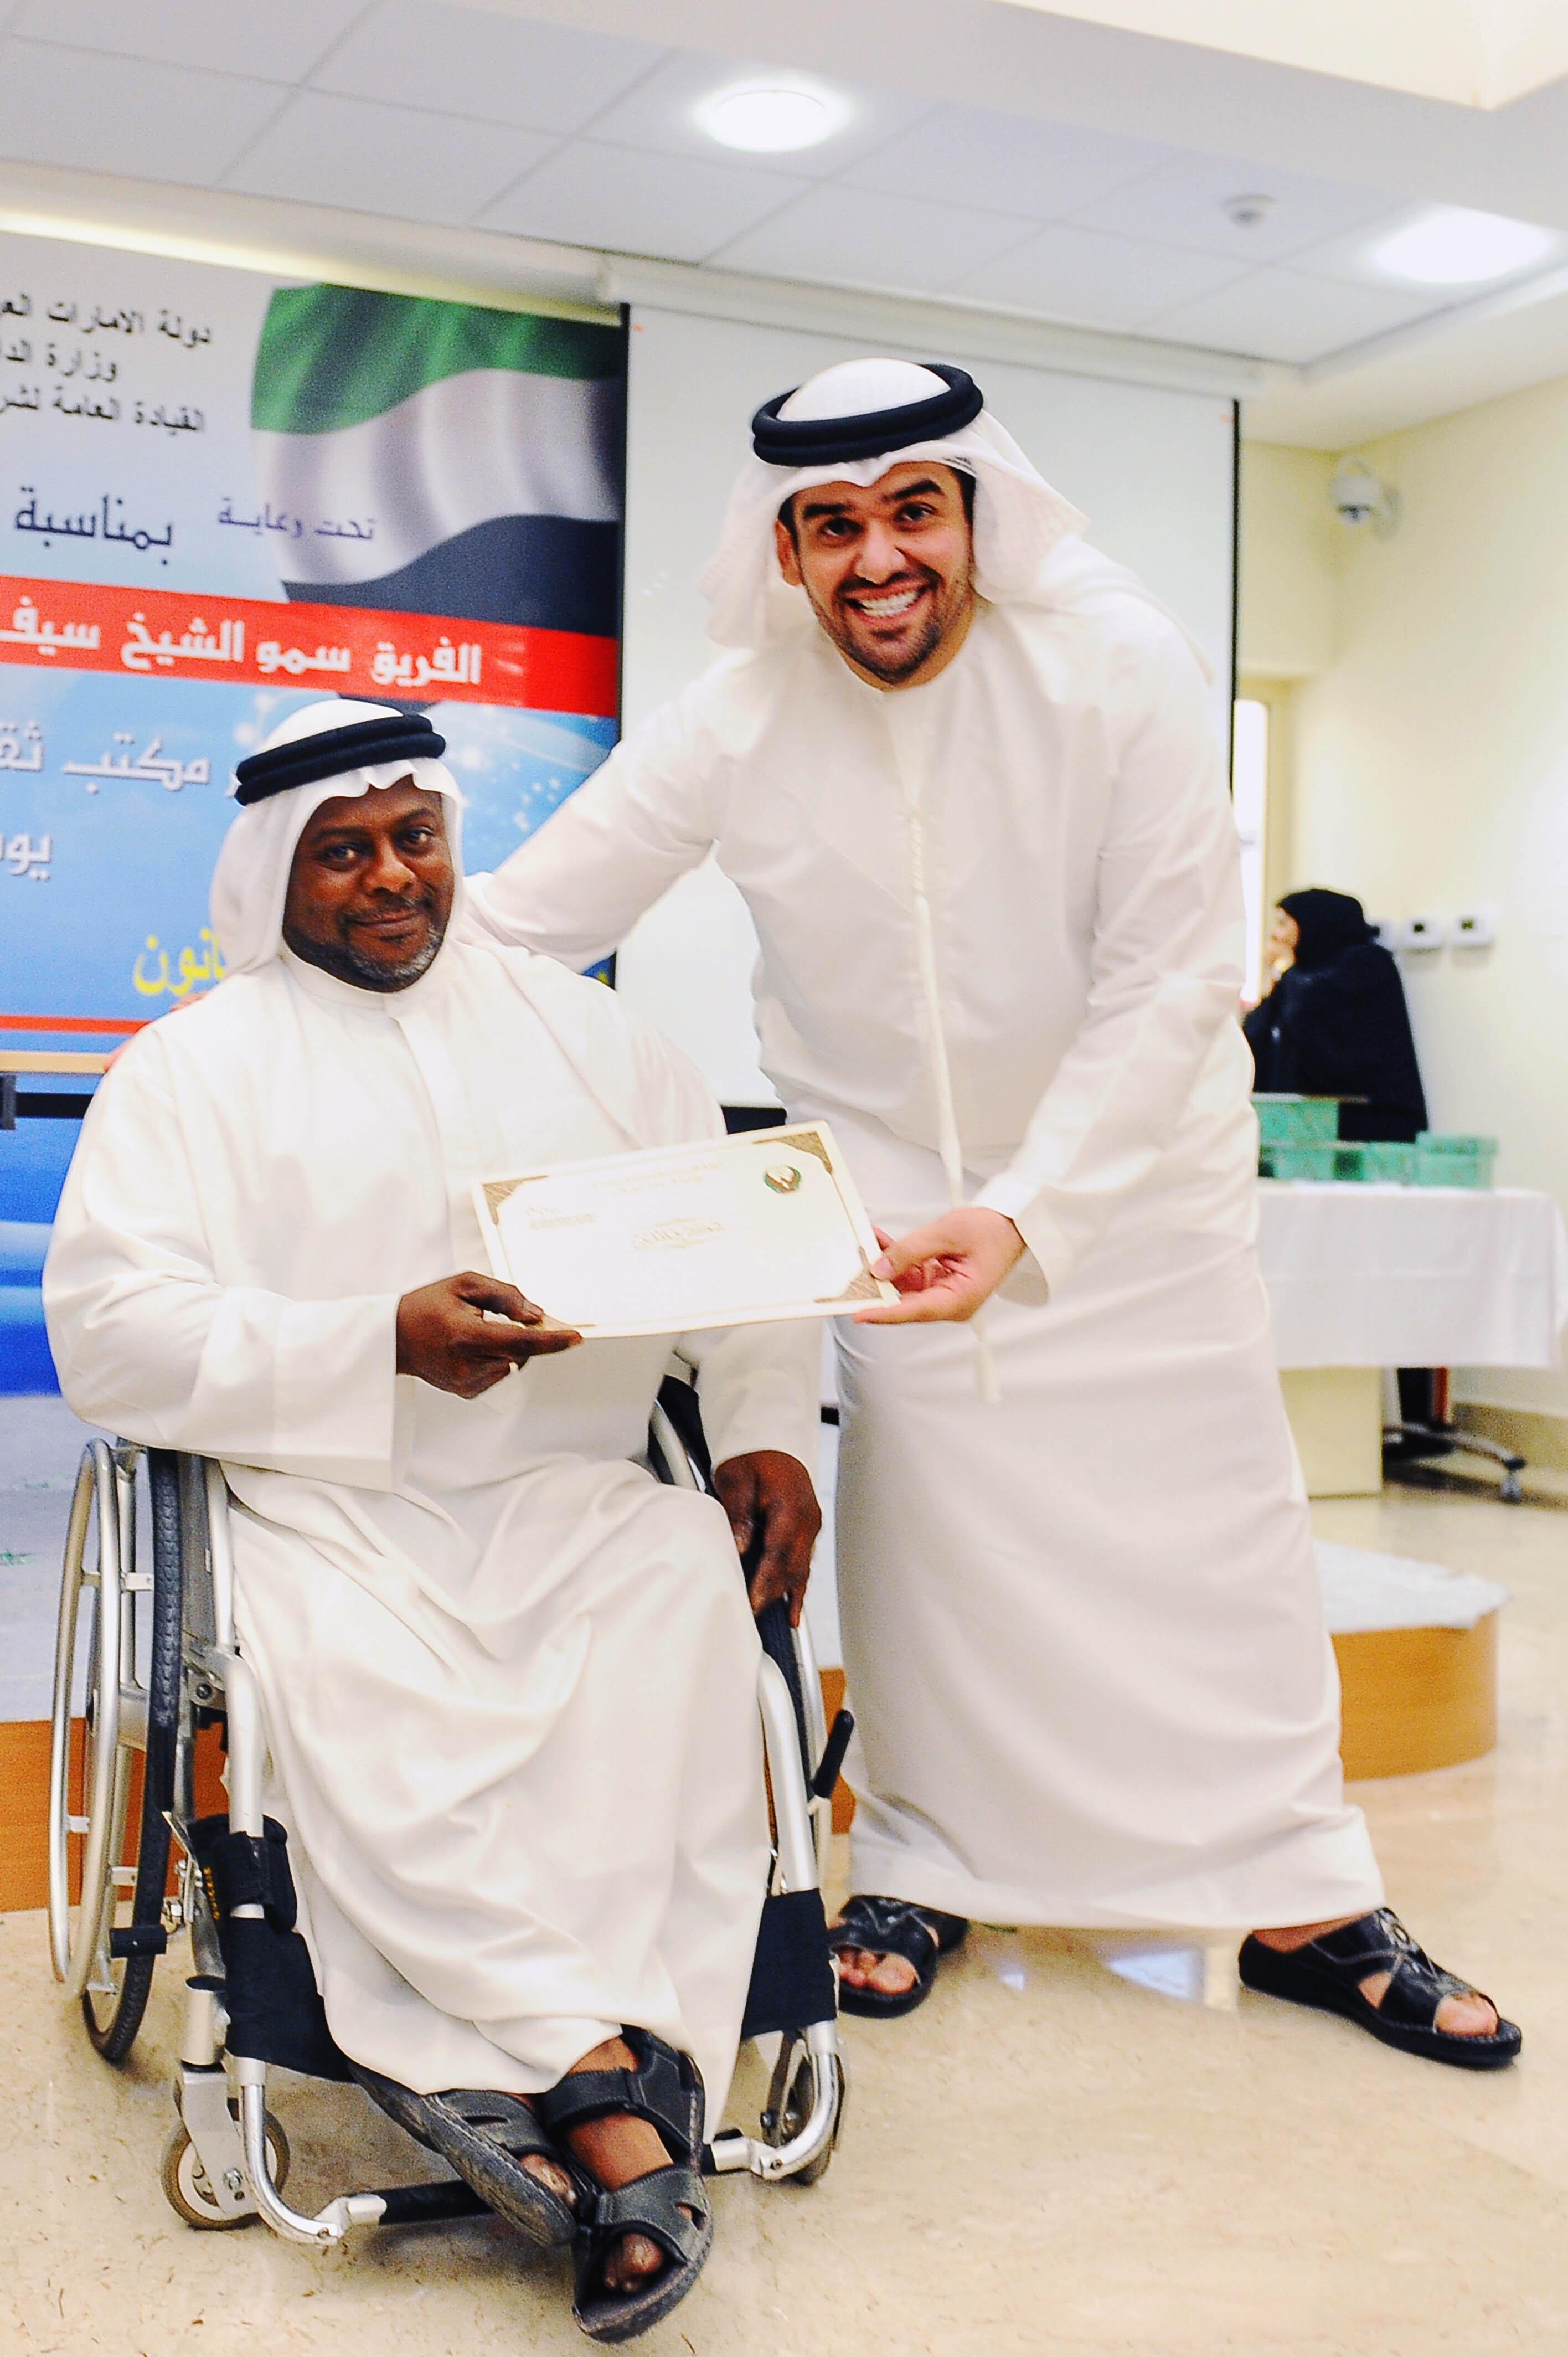 صورة حسين الجسمي والاعمال الانسانية شراكة خيرية تهدف الانسان العربي